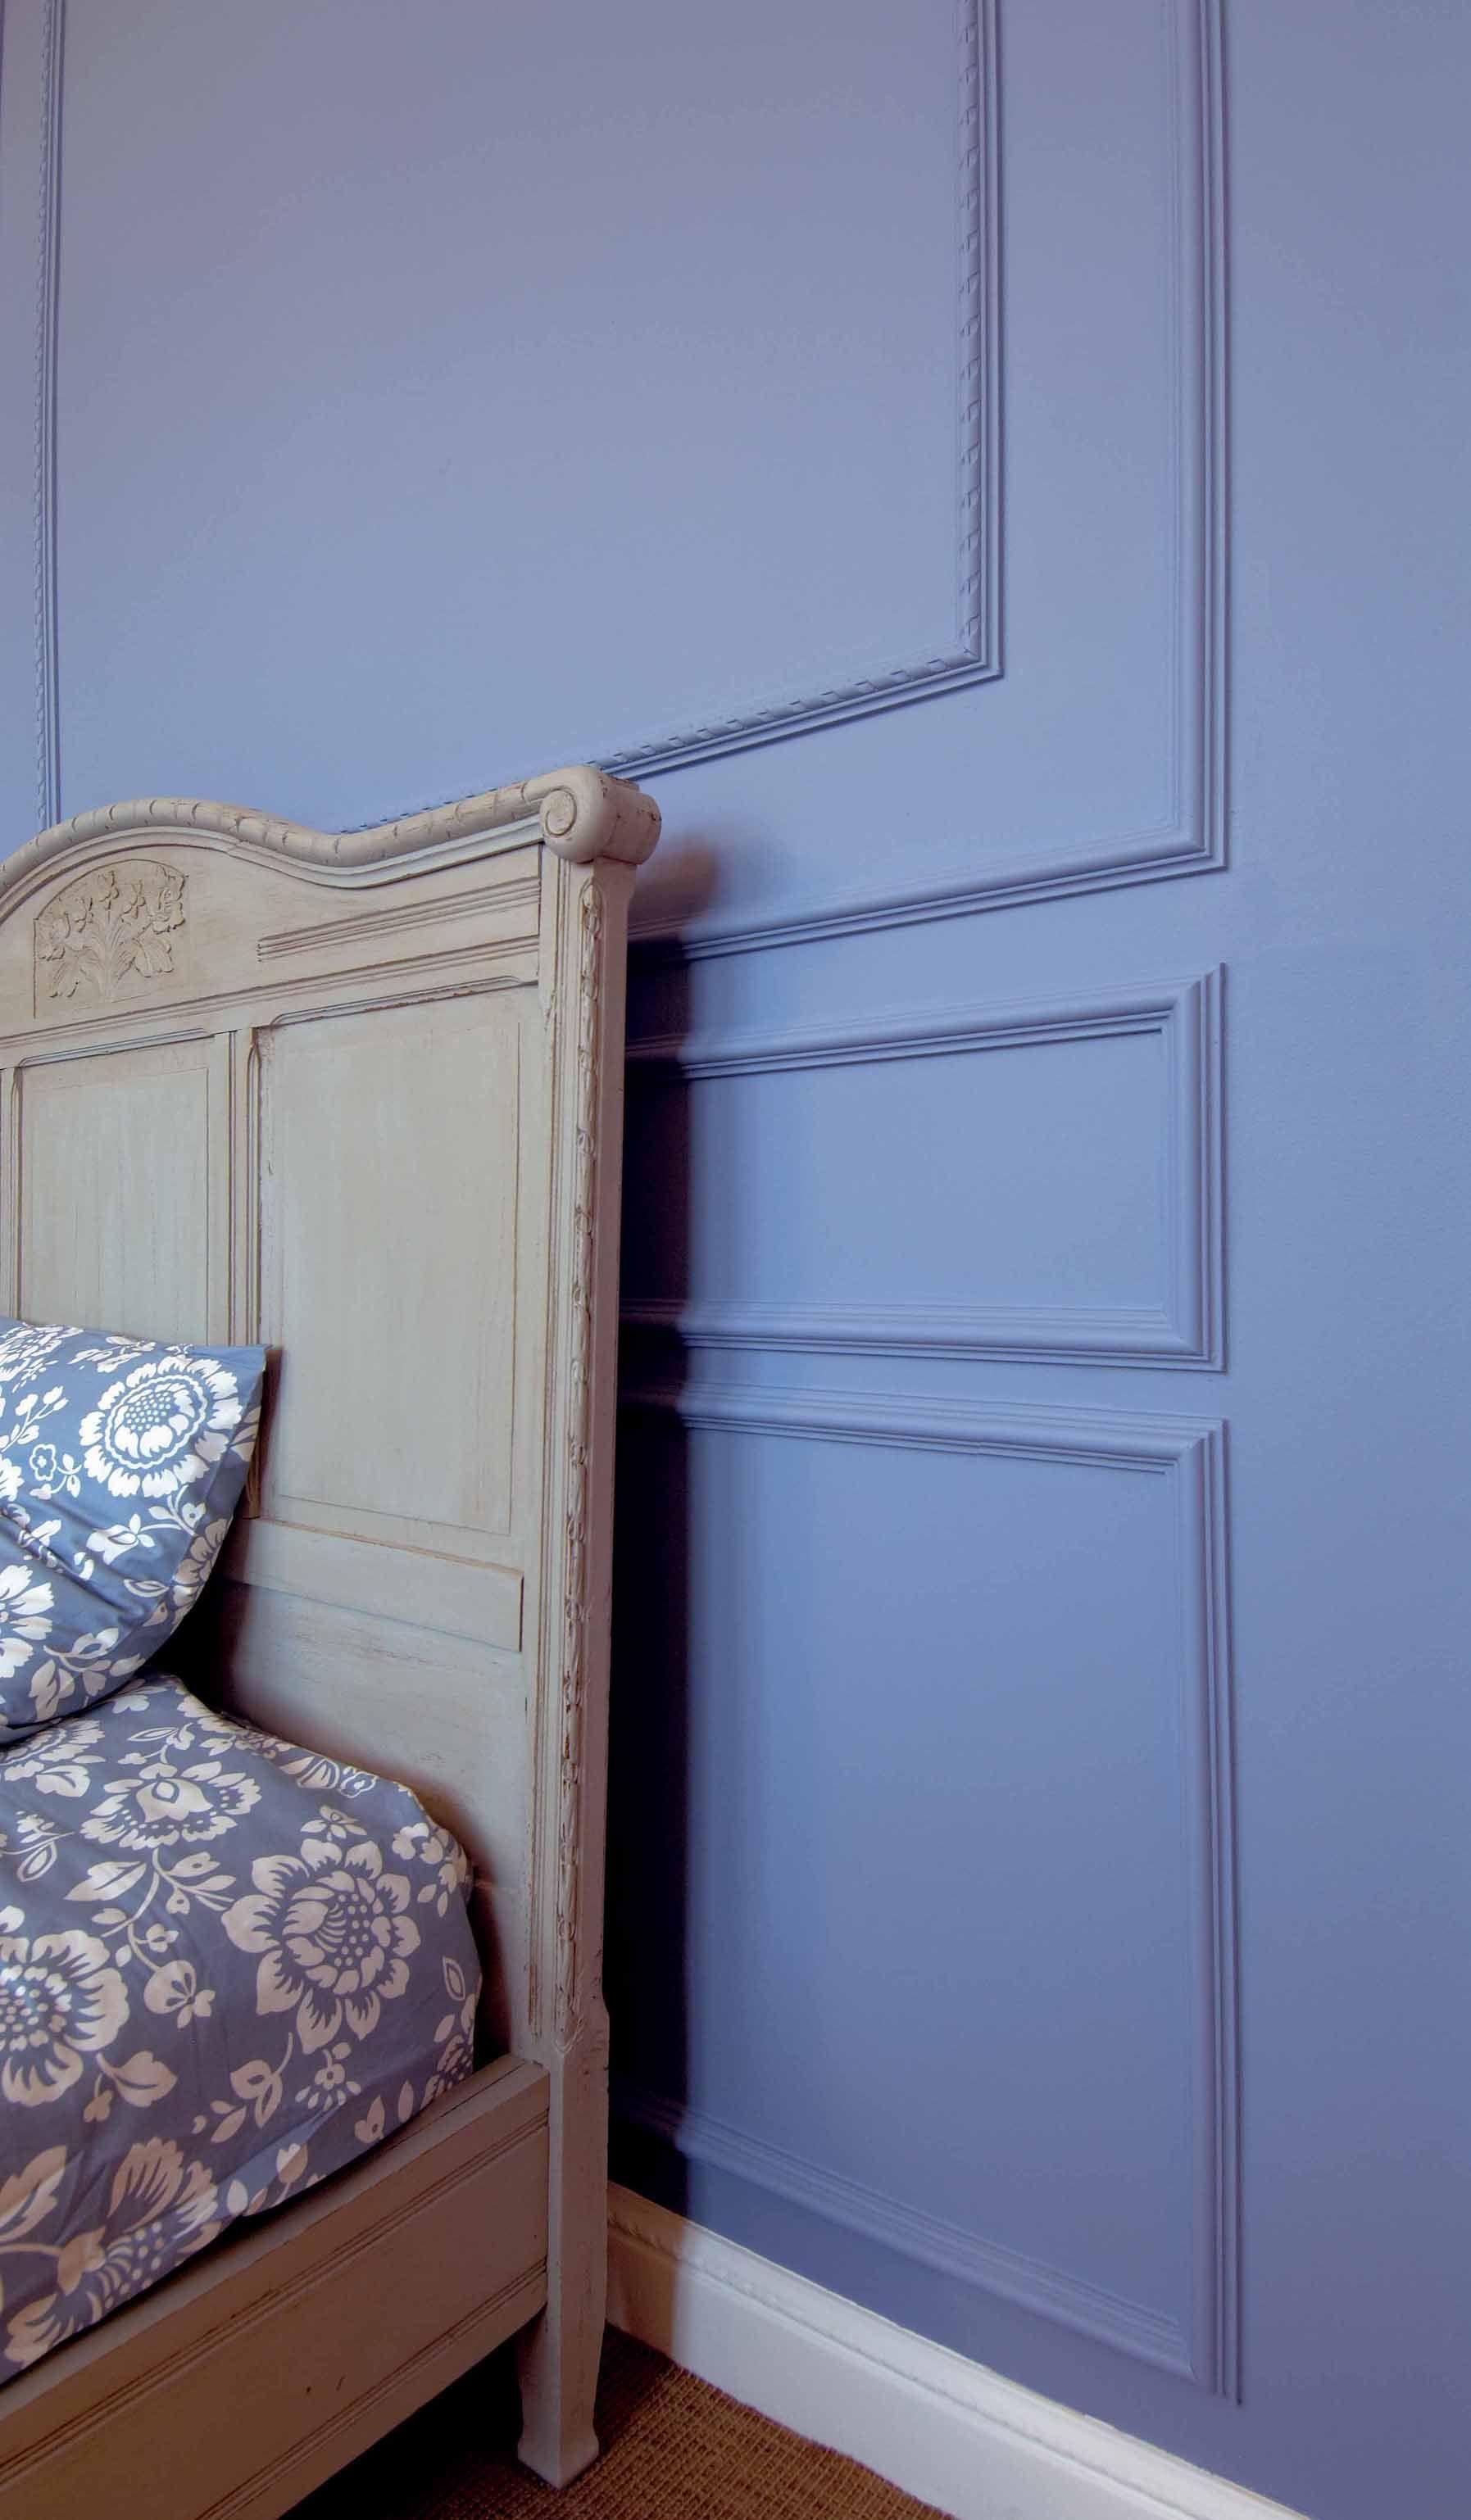 styropor zierleisten wandleisten bord re. Black Bedroom Furniture Sets. Home Design Ideas